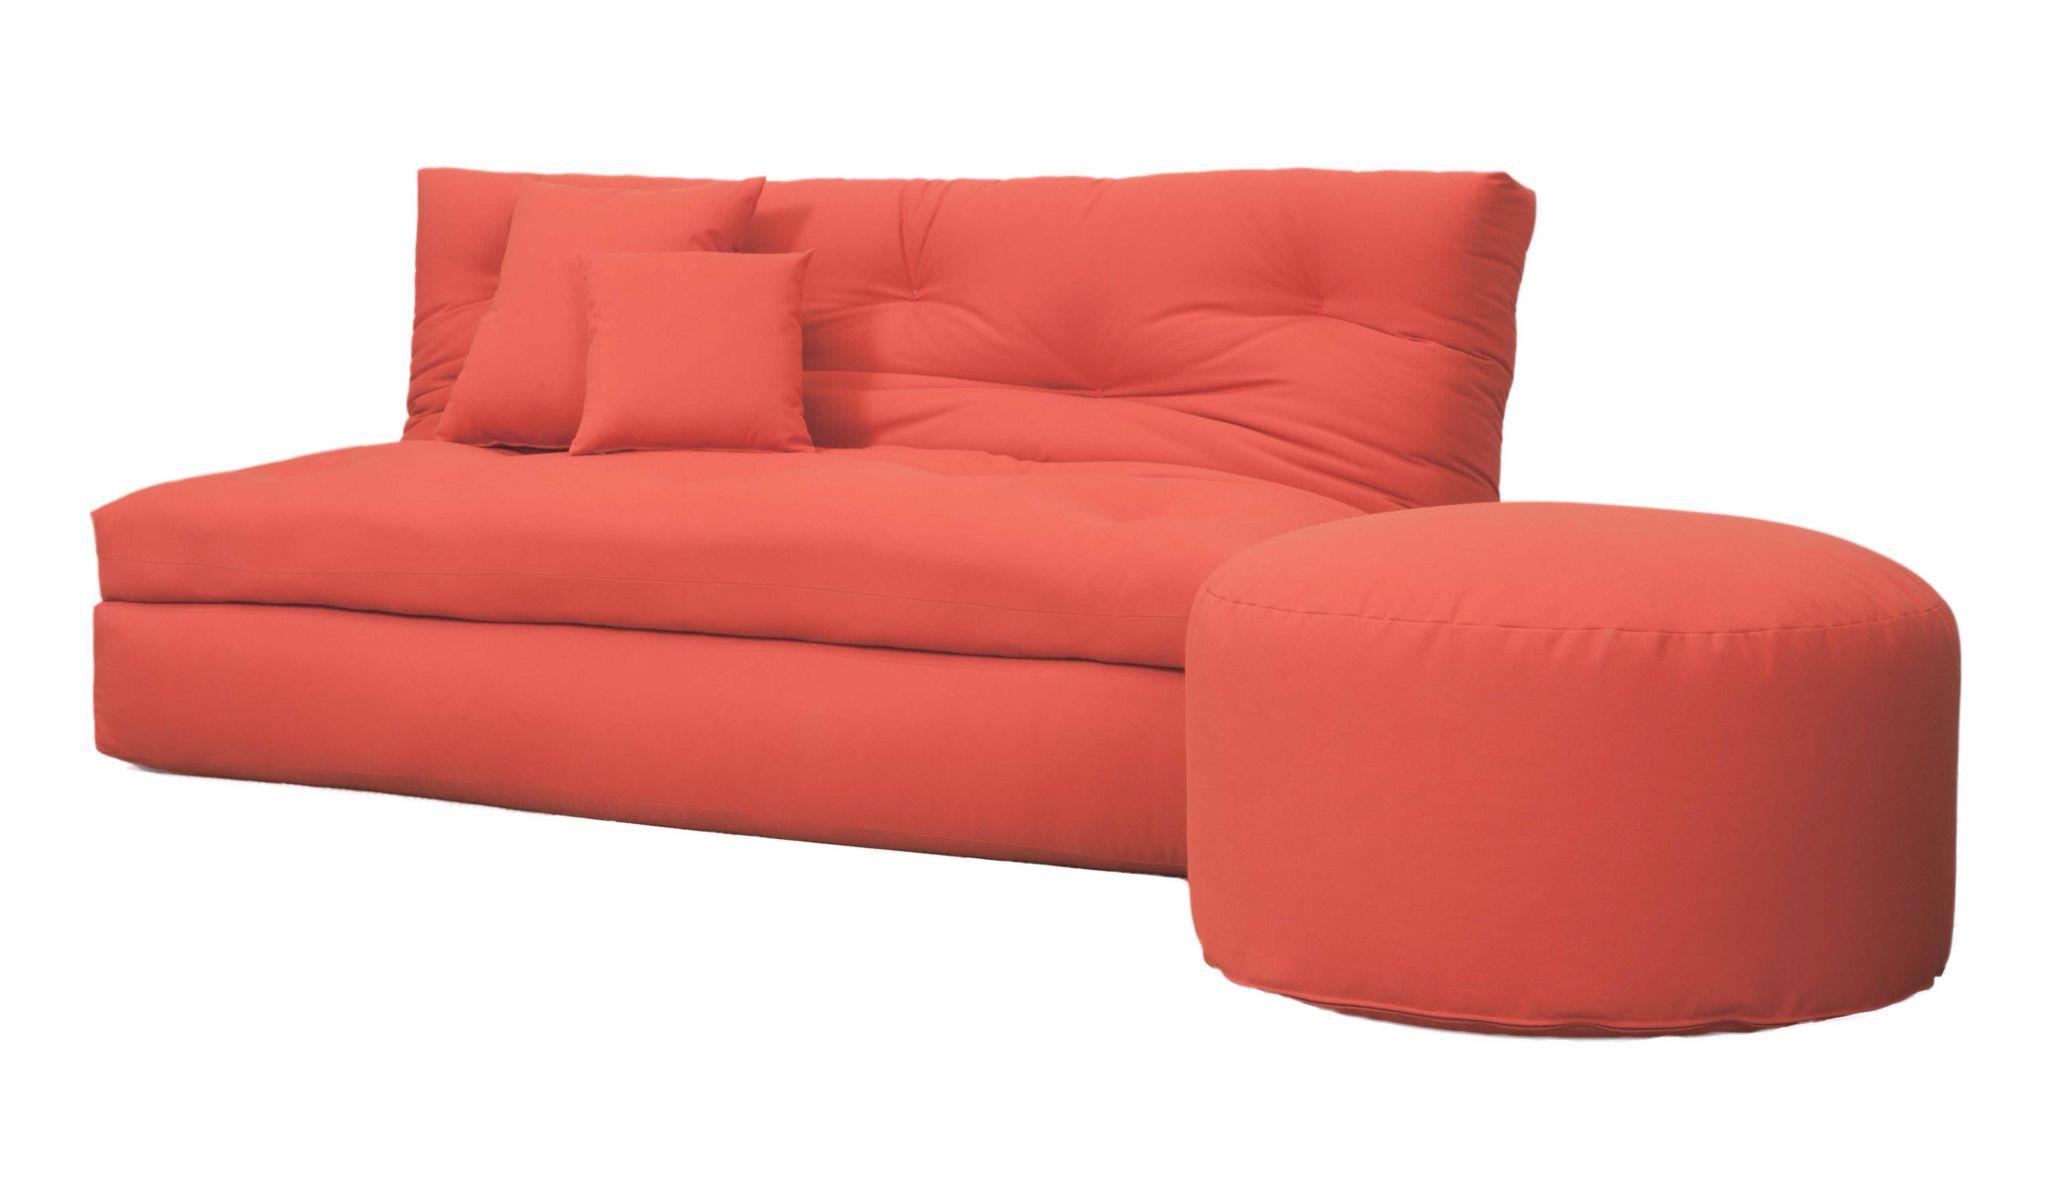 Sensu un confortable sofá una cama matrimonial y una individual